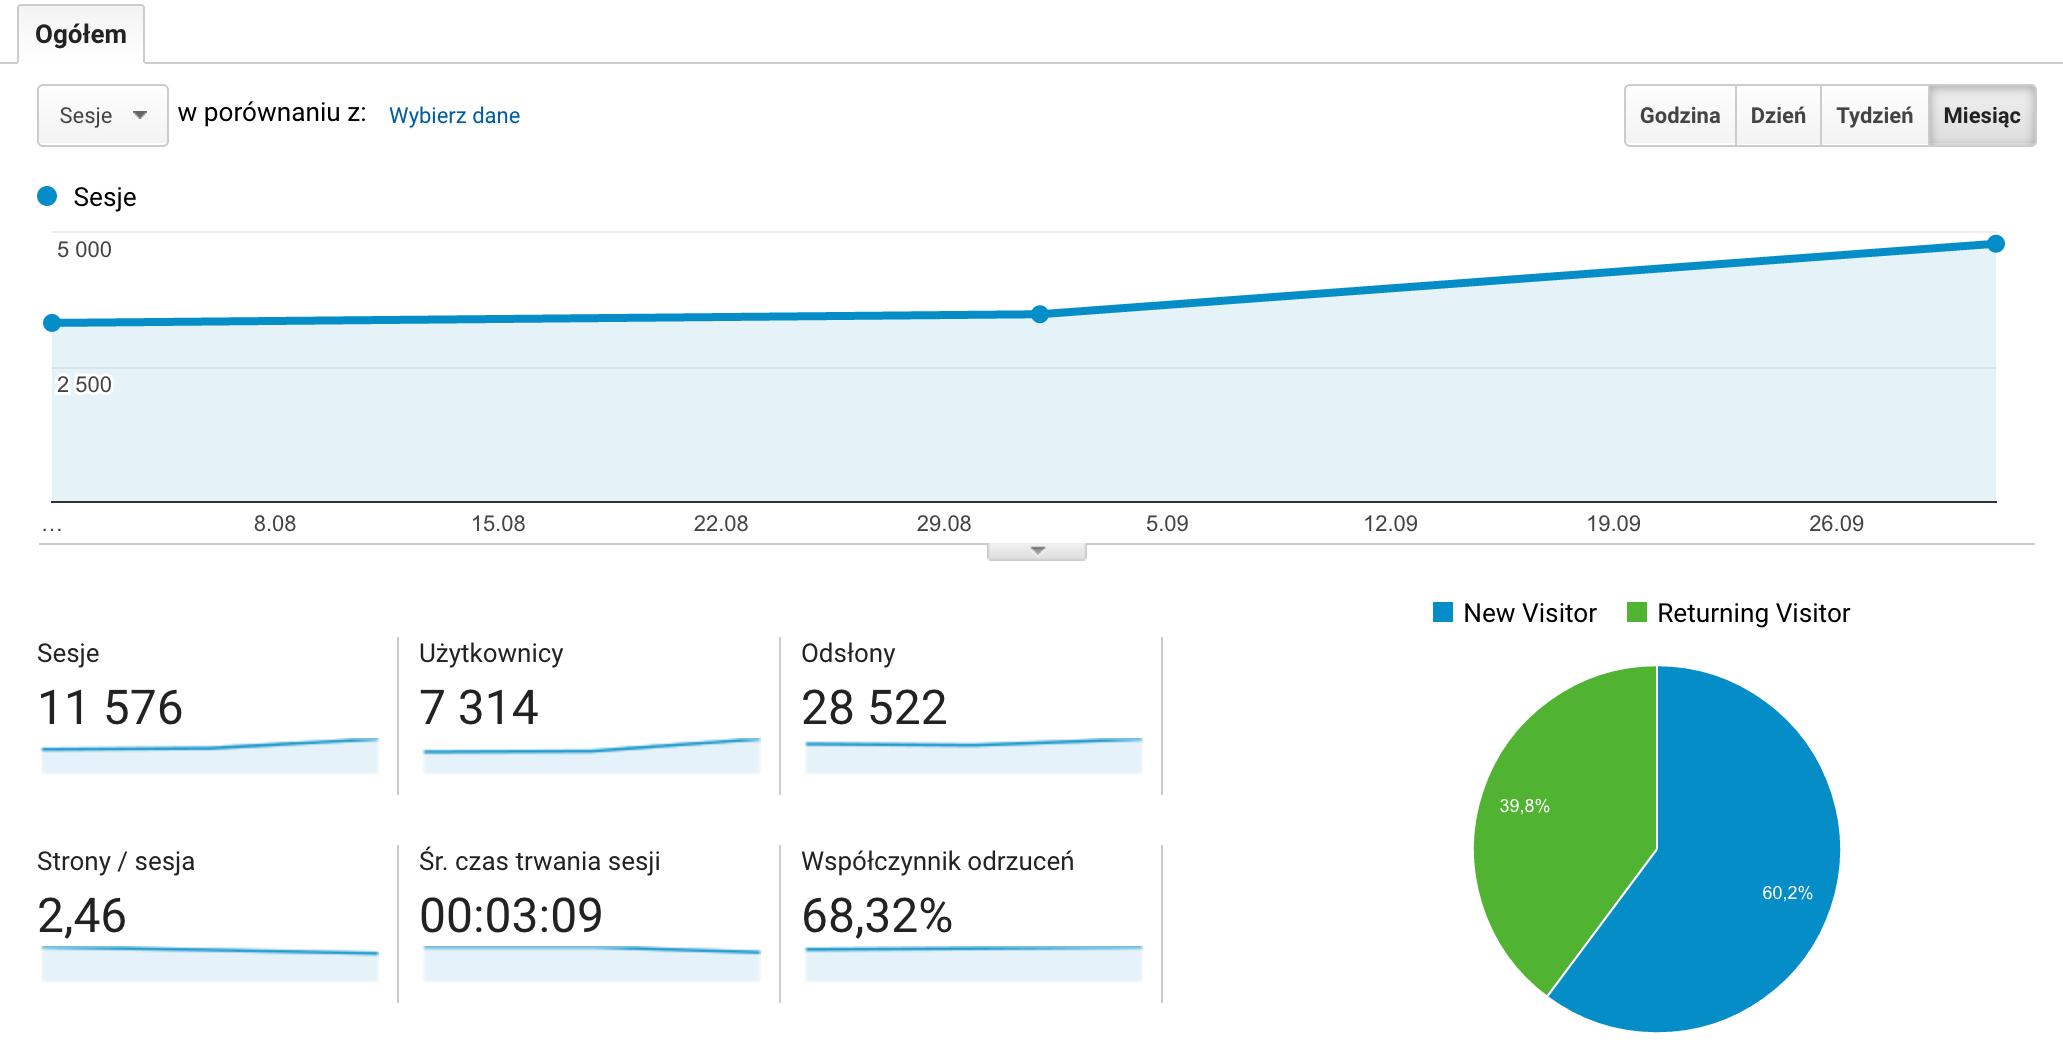 Statystyki google analytics z miesięcy sierpień-październik 2016